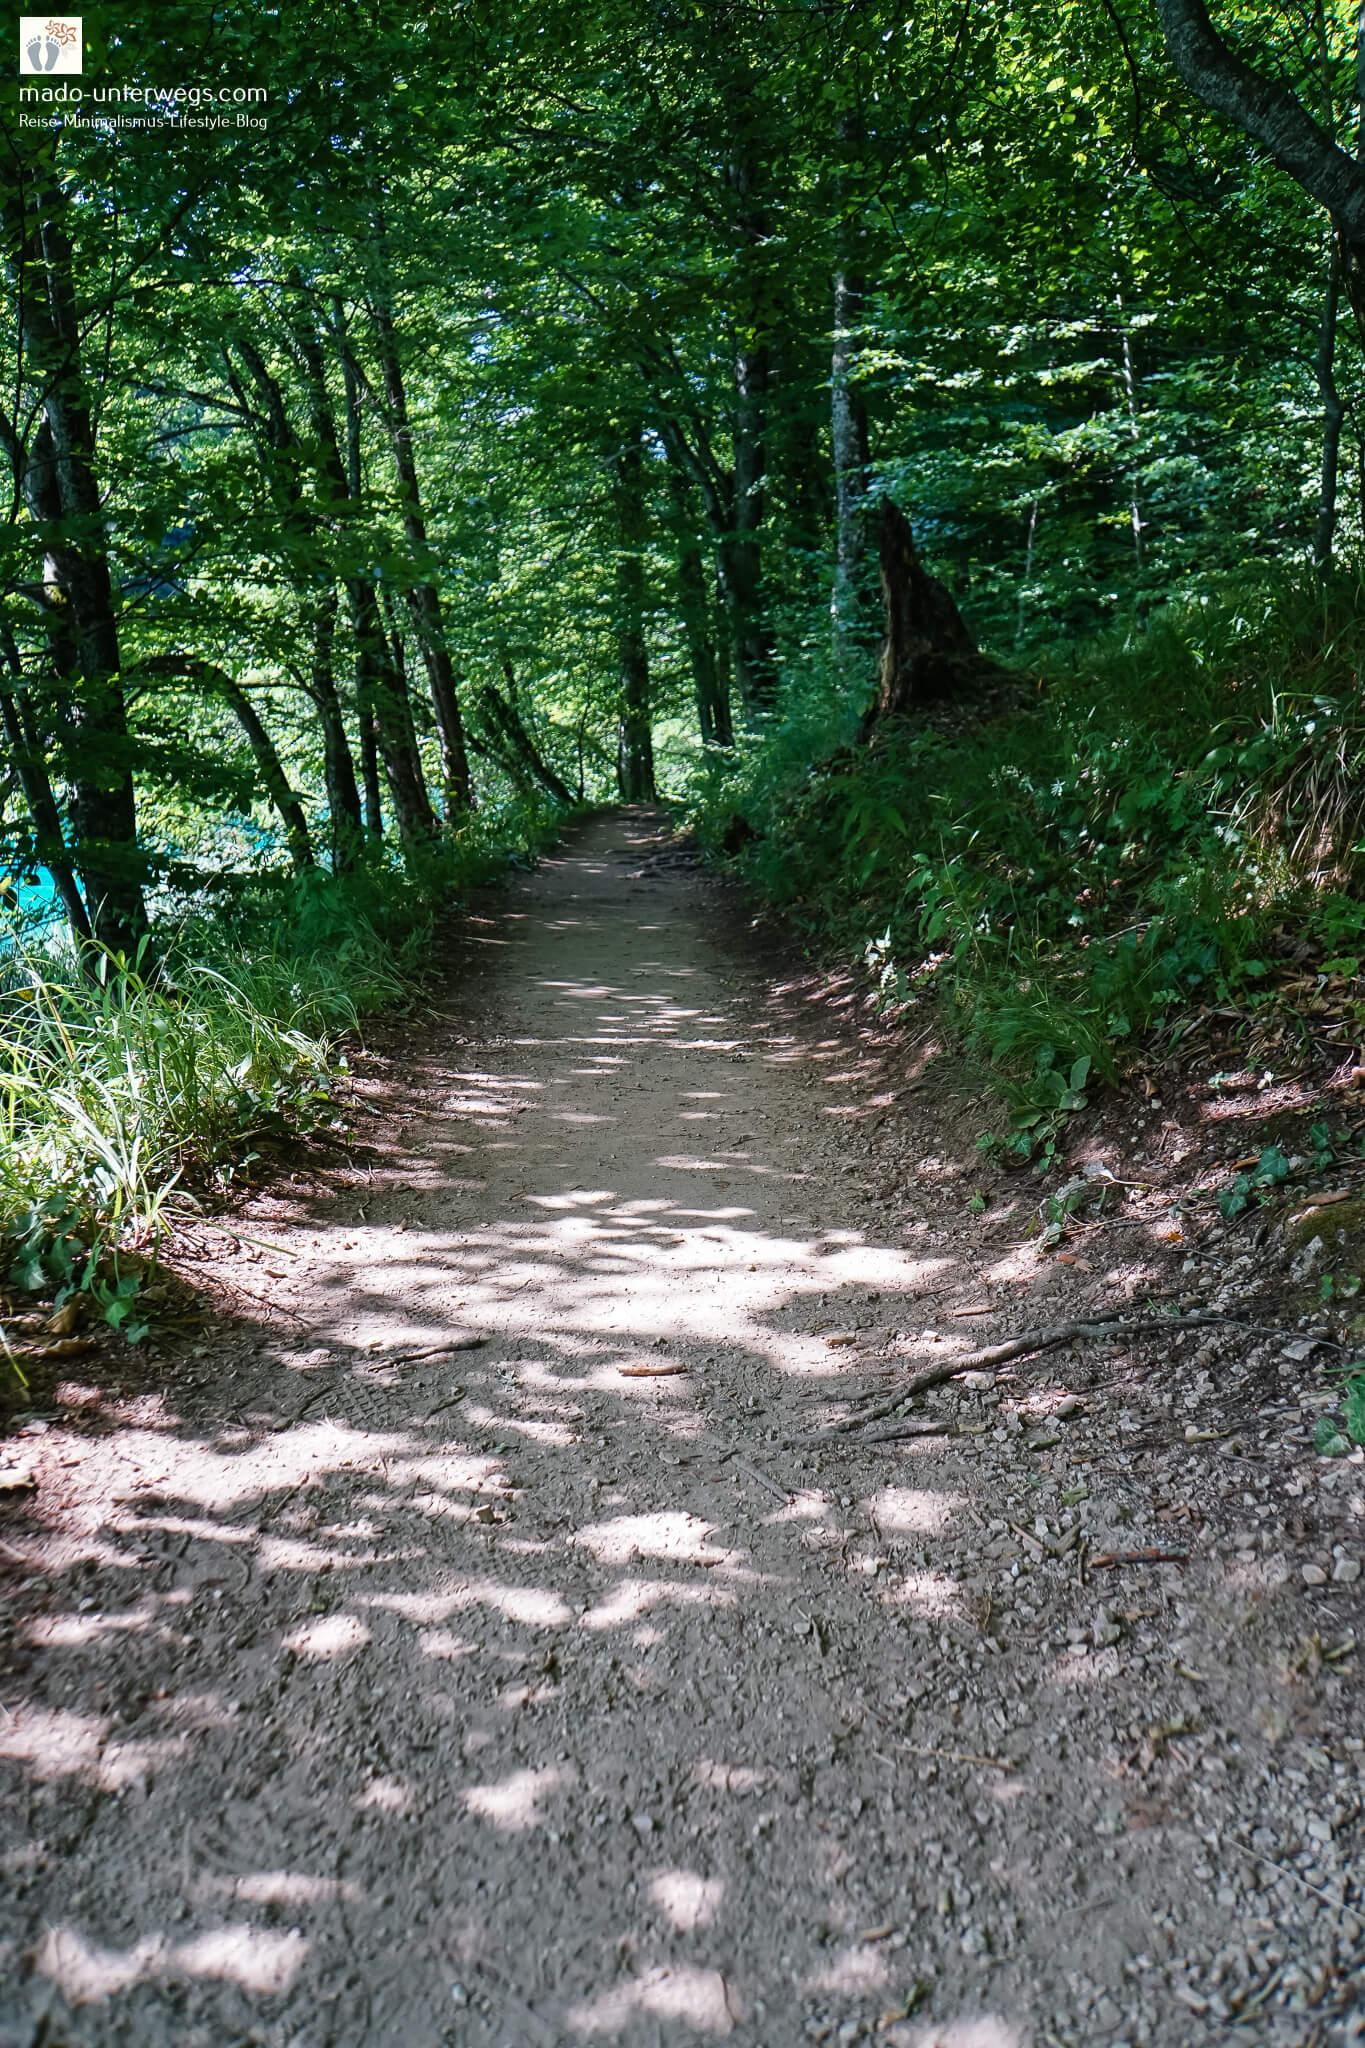 """Pfad der vom vorderen Bildrand nach hinten führt und von Bäumen umrandet wird; links leuchtet der Kozjak See durch; links oben Text """"mado-unterwegs.com"""""""